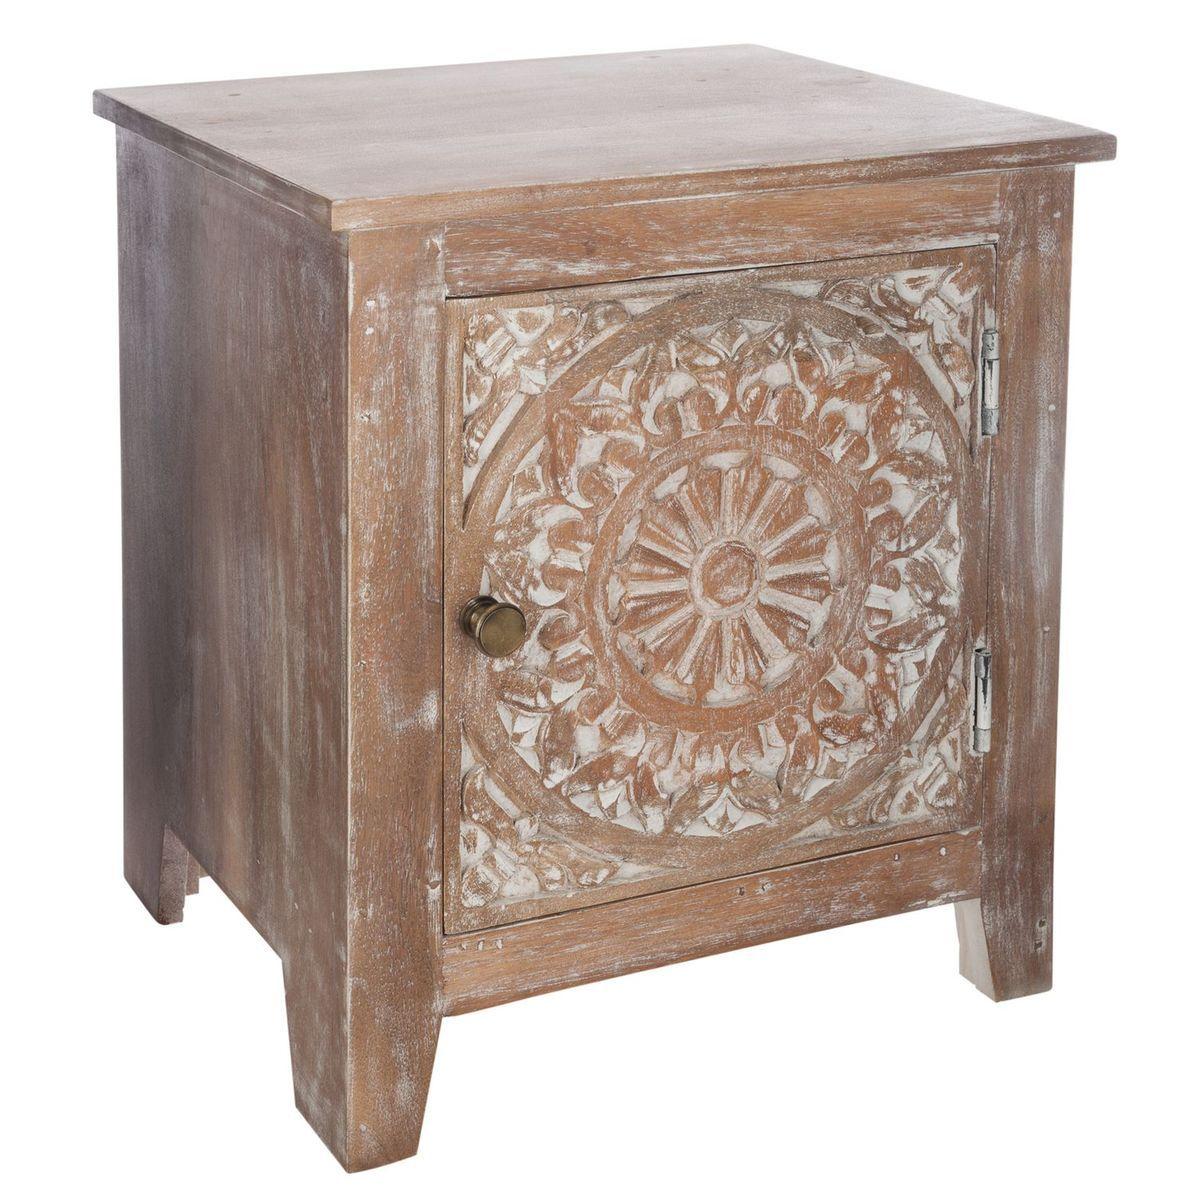 Table De Chevet Ethnique Shirel L 40 X H 45 Cm Taille